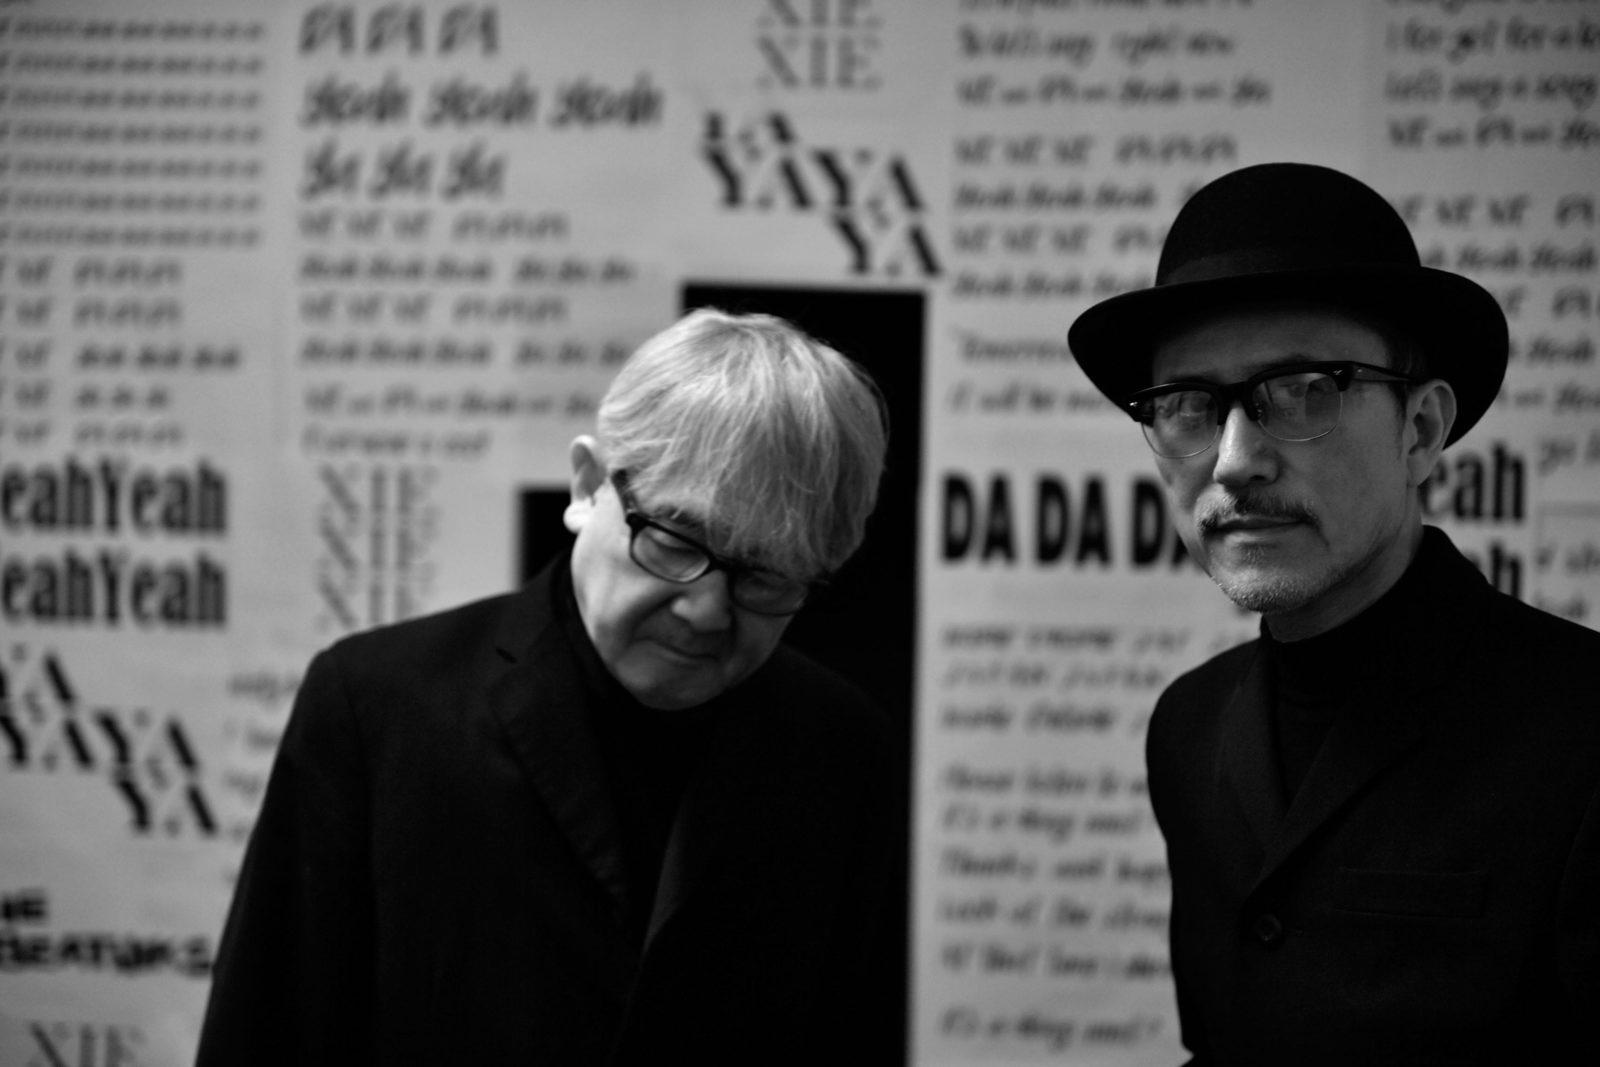 THE BEATNKS、ライブ音源を収録した「NIGHT OF THE BEAT GENERATION」発売決定サムネイル画像